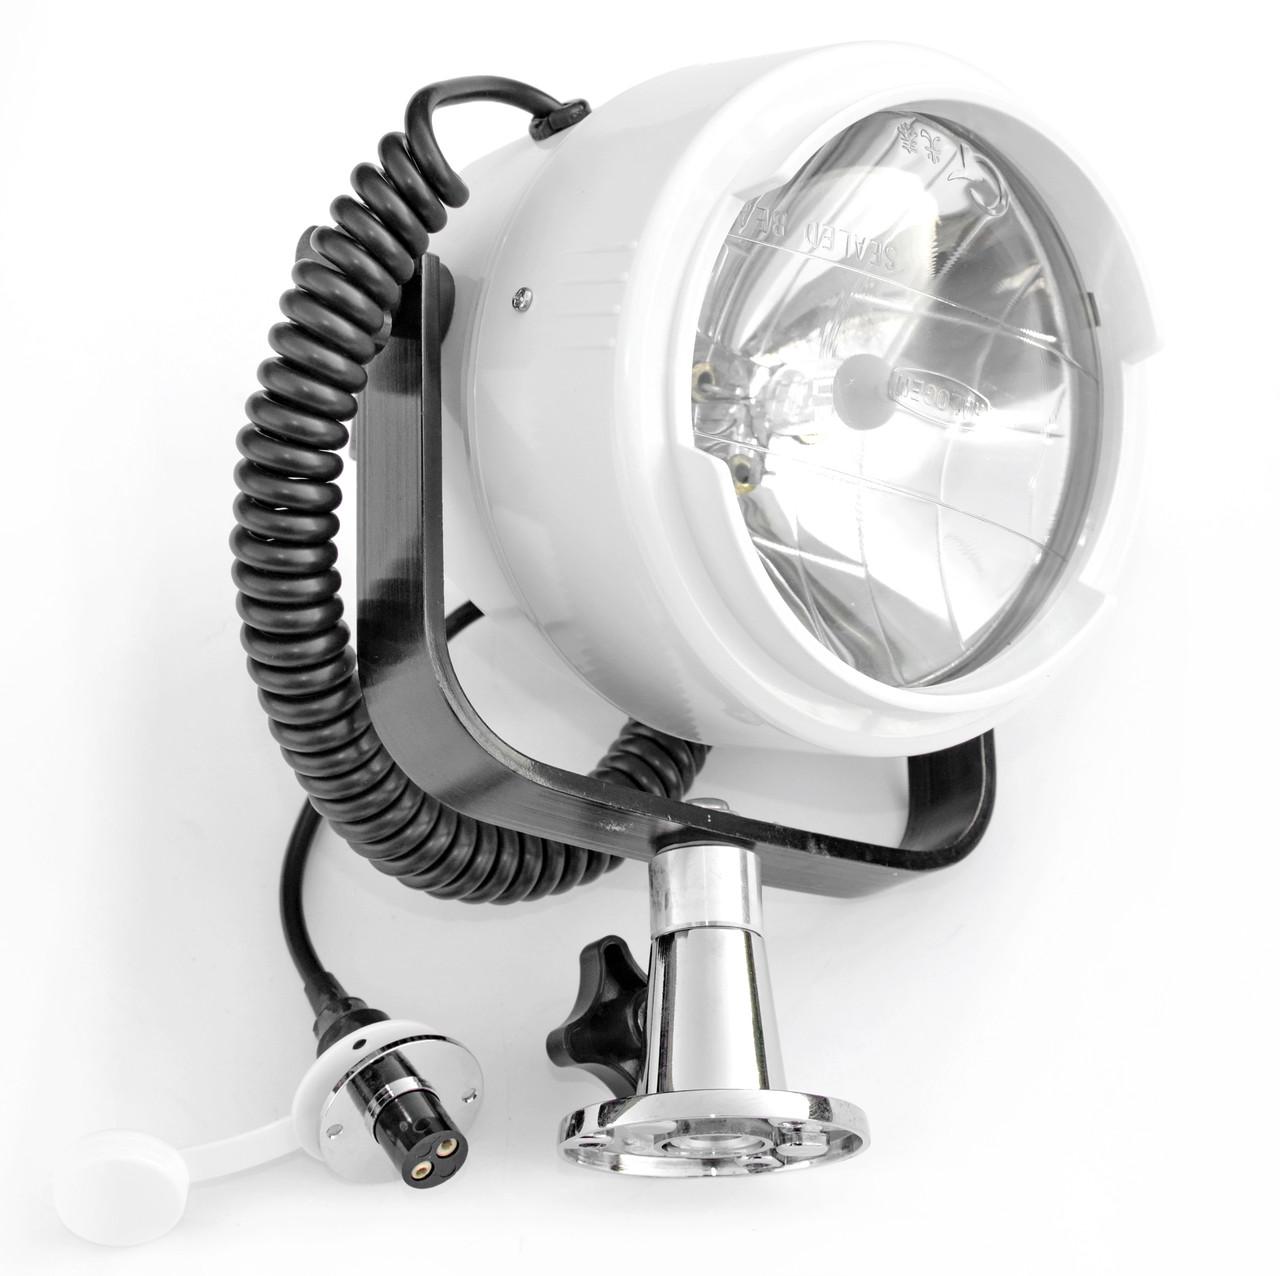 Поисковый прожектор для лодки, катера, яхты ААА 01604-WB